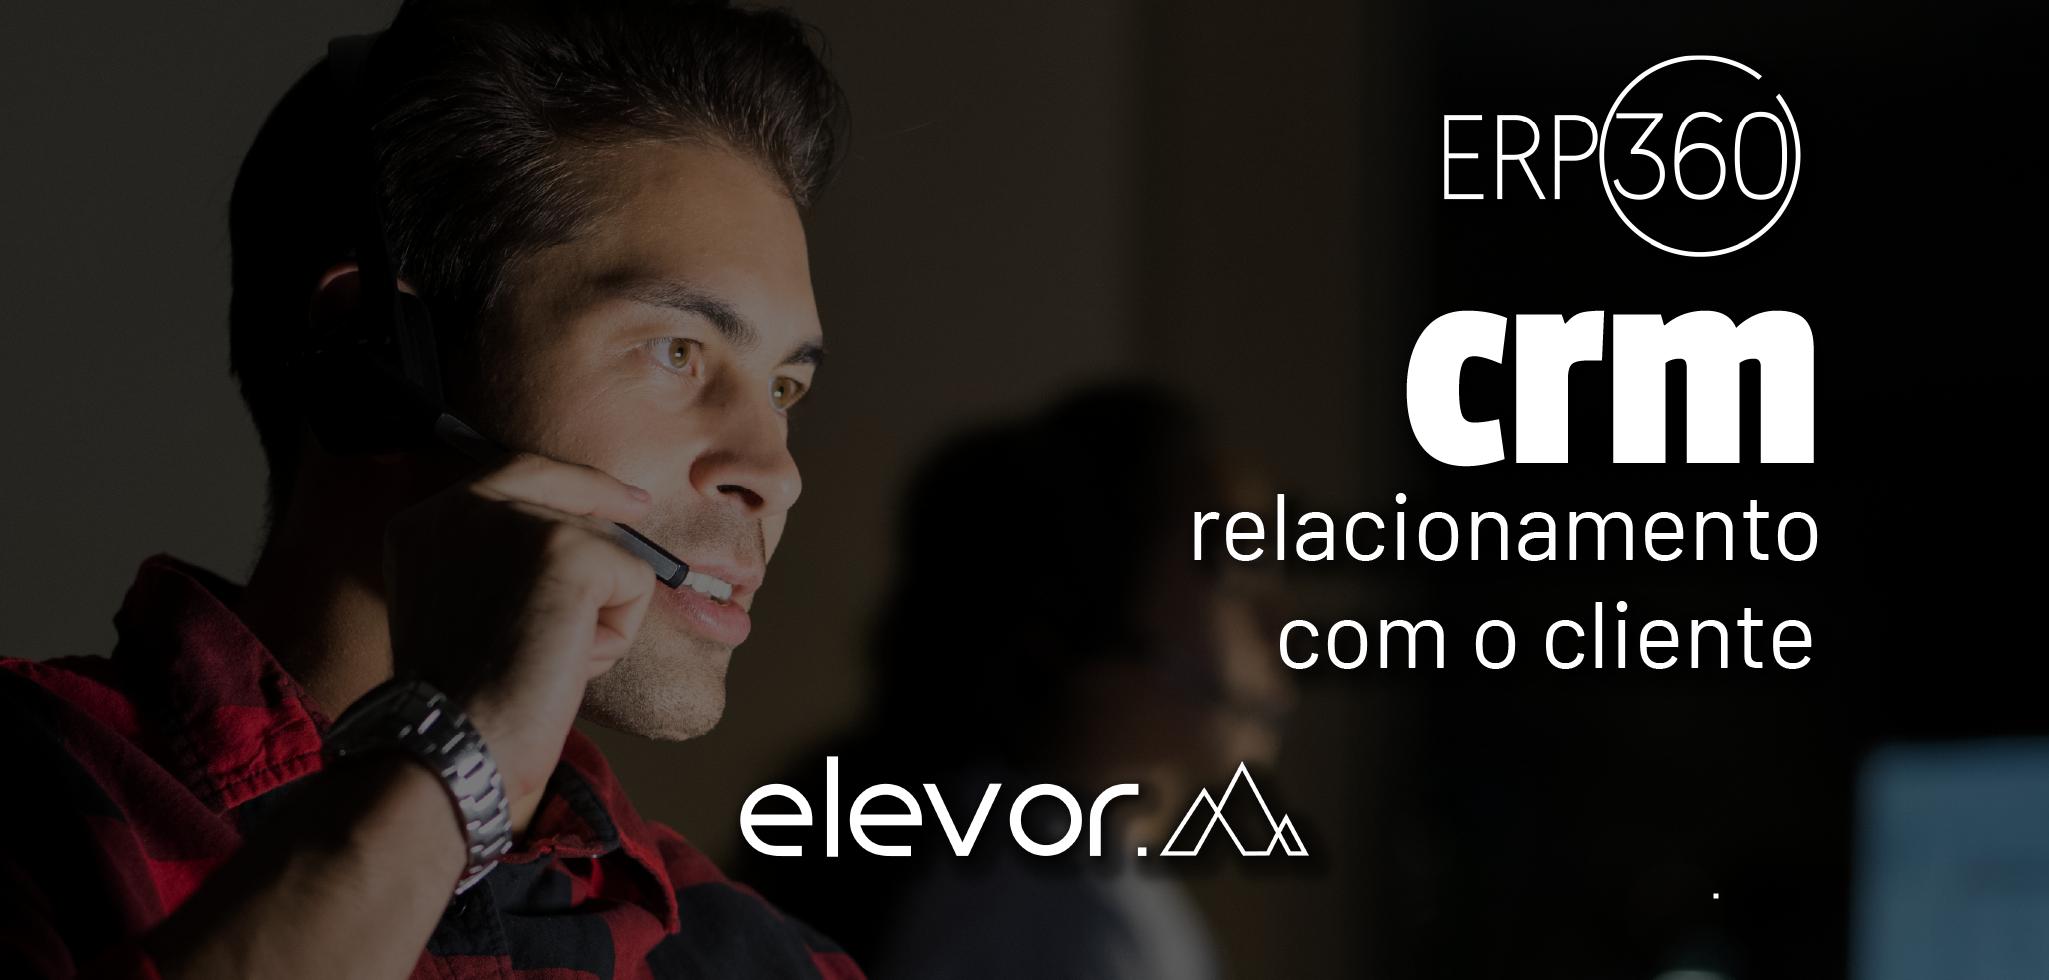 Módulo CRM – Relacionamento com o cliente